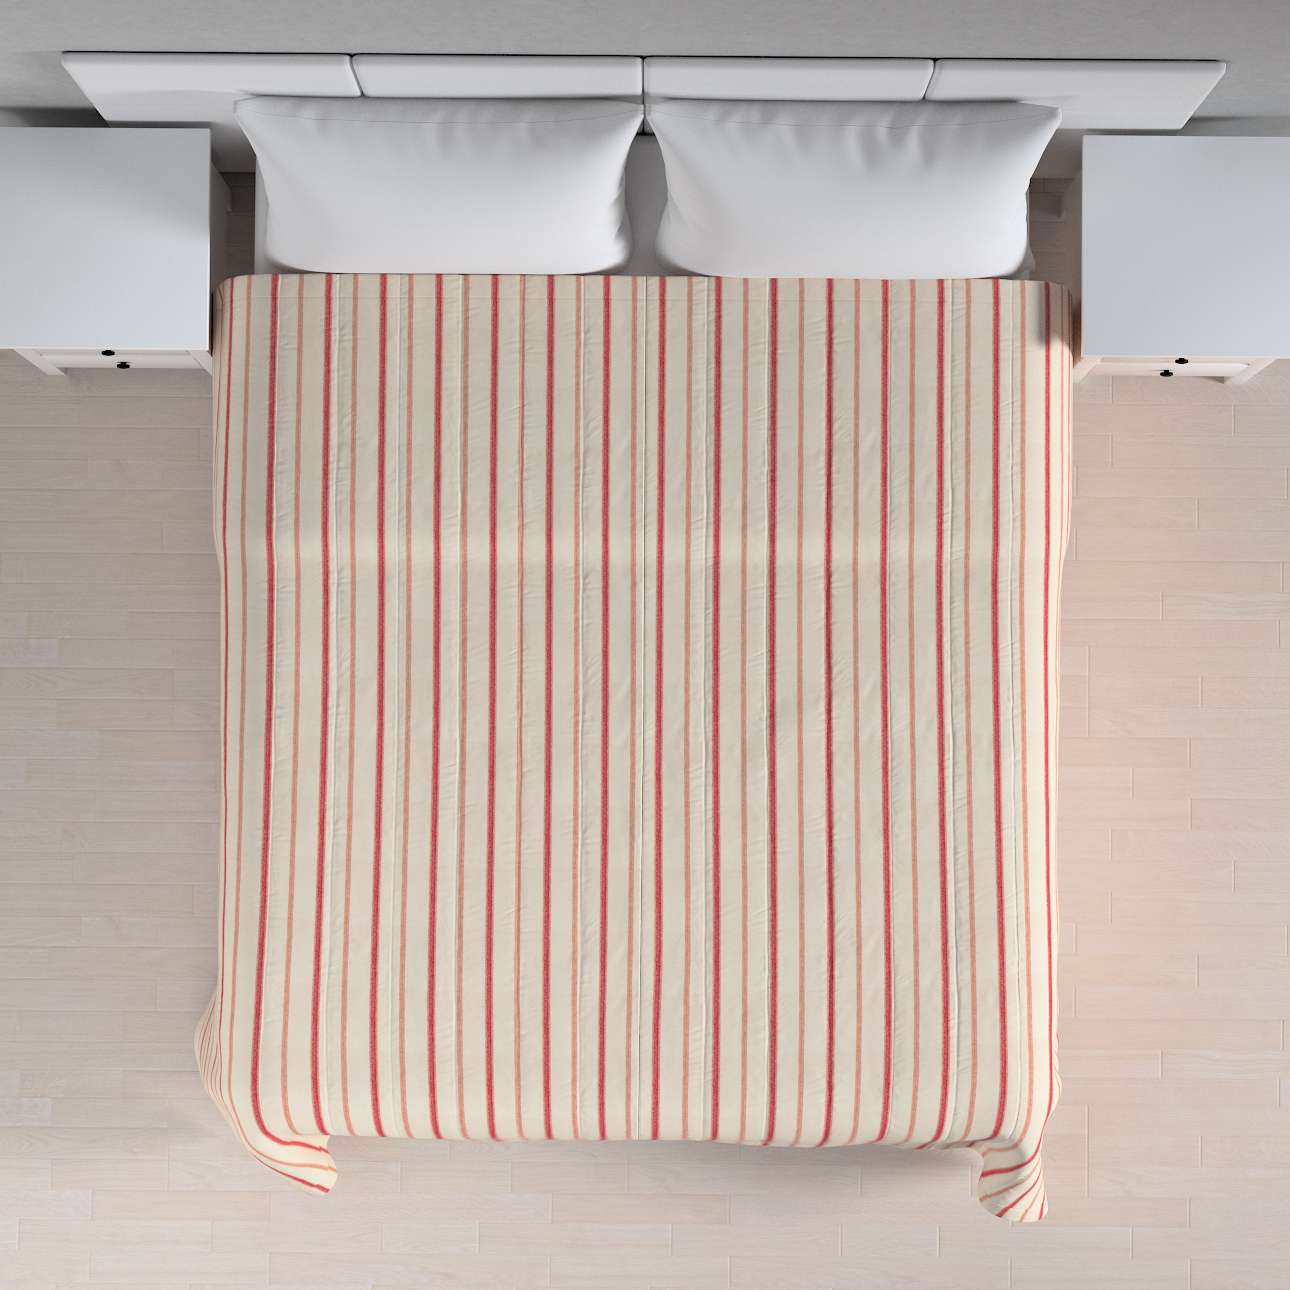 Sengeteppe quiltet<br/>10cm striper 120g/m2 260 x 210 cm fra kolleksjonen Avinon, Stoffets bredde: 129-15